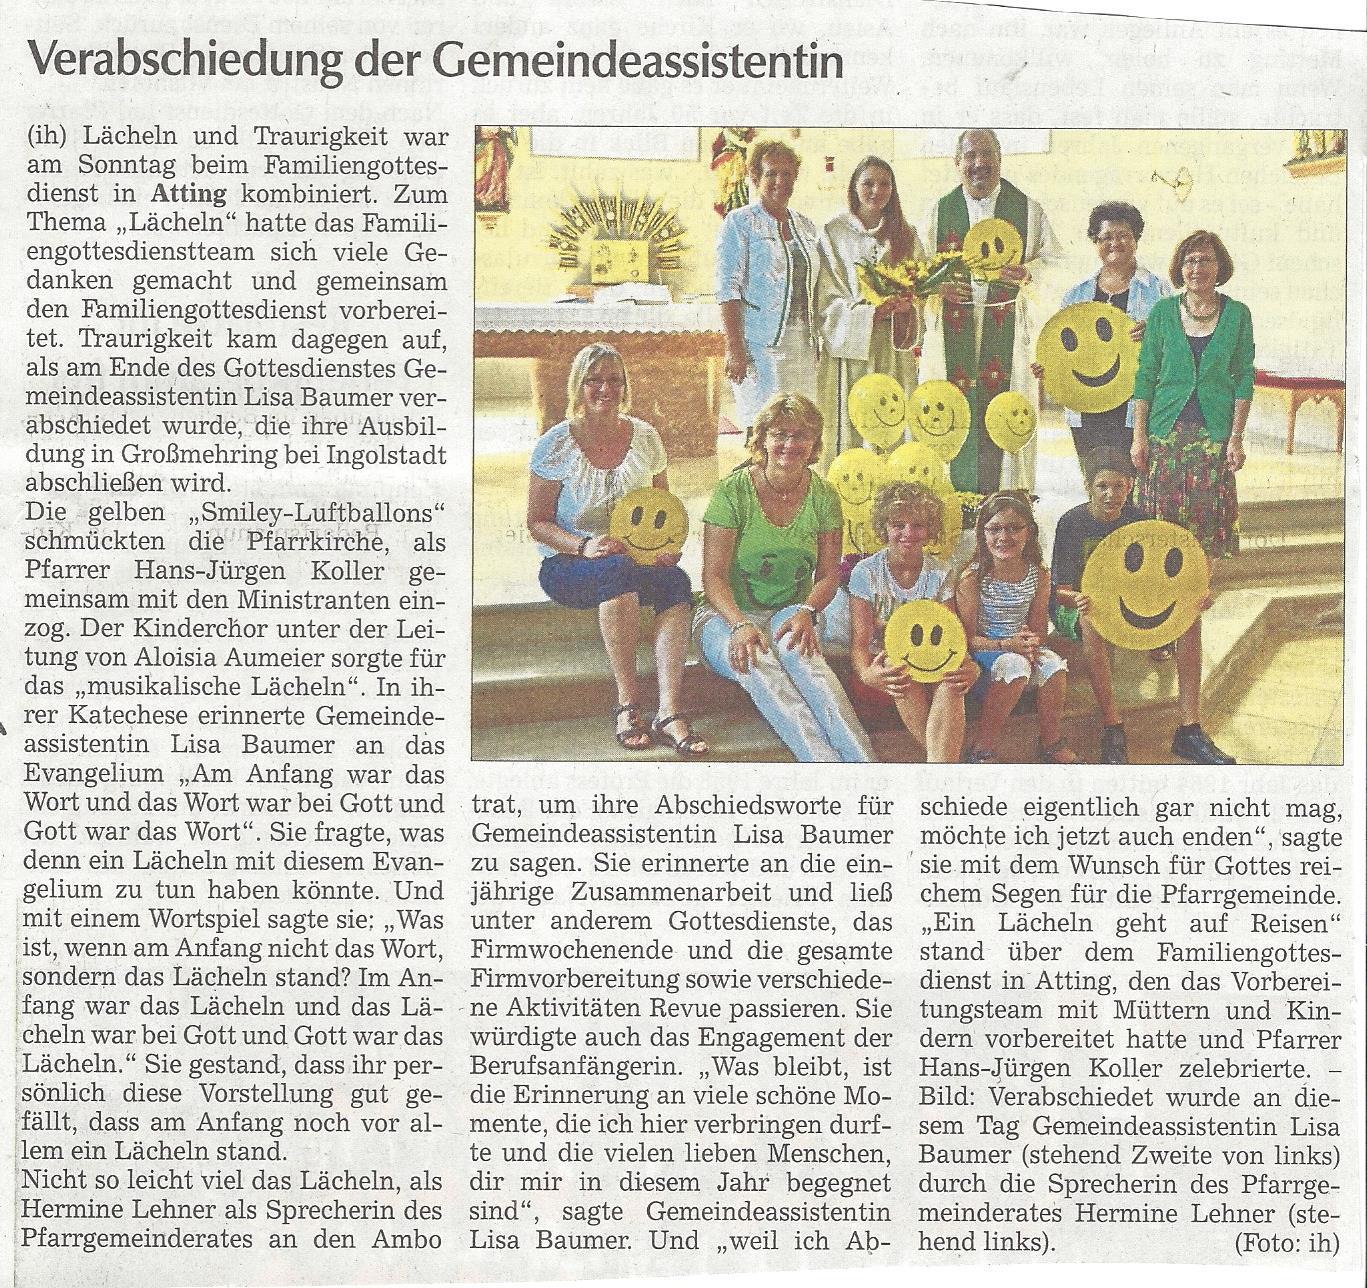 presseartikel_verabschiedung_gemeindeassistentin_lisa_baumer